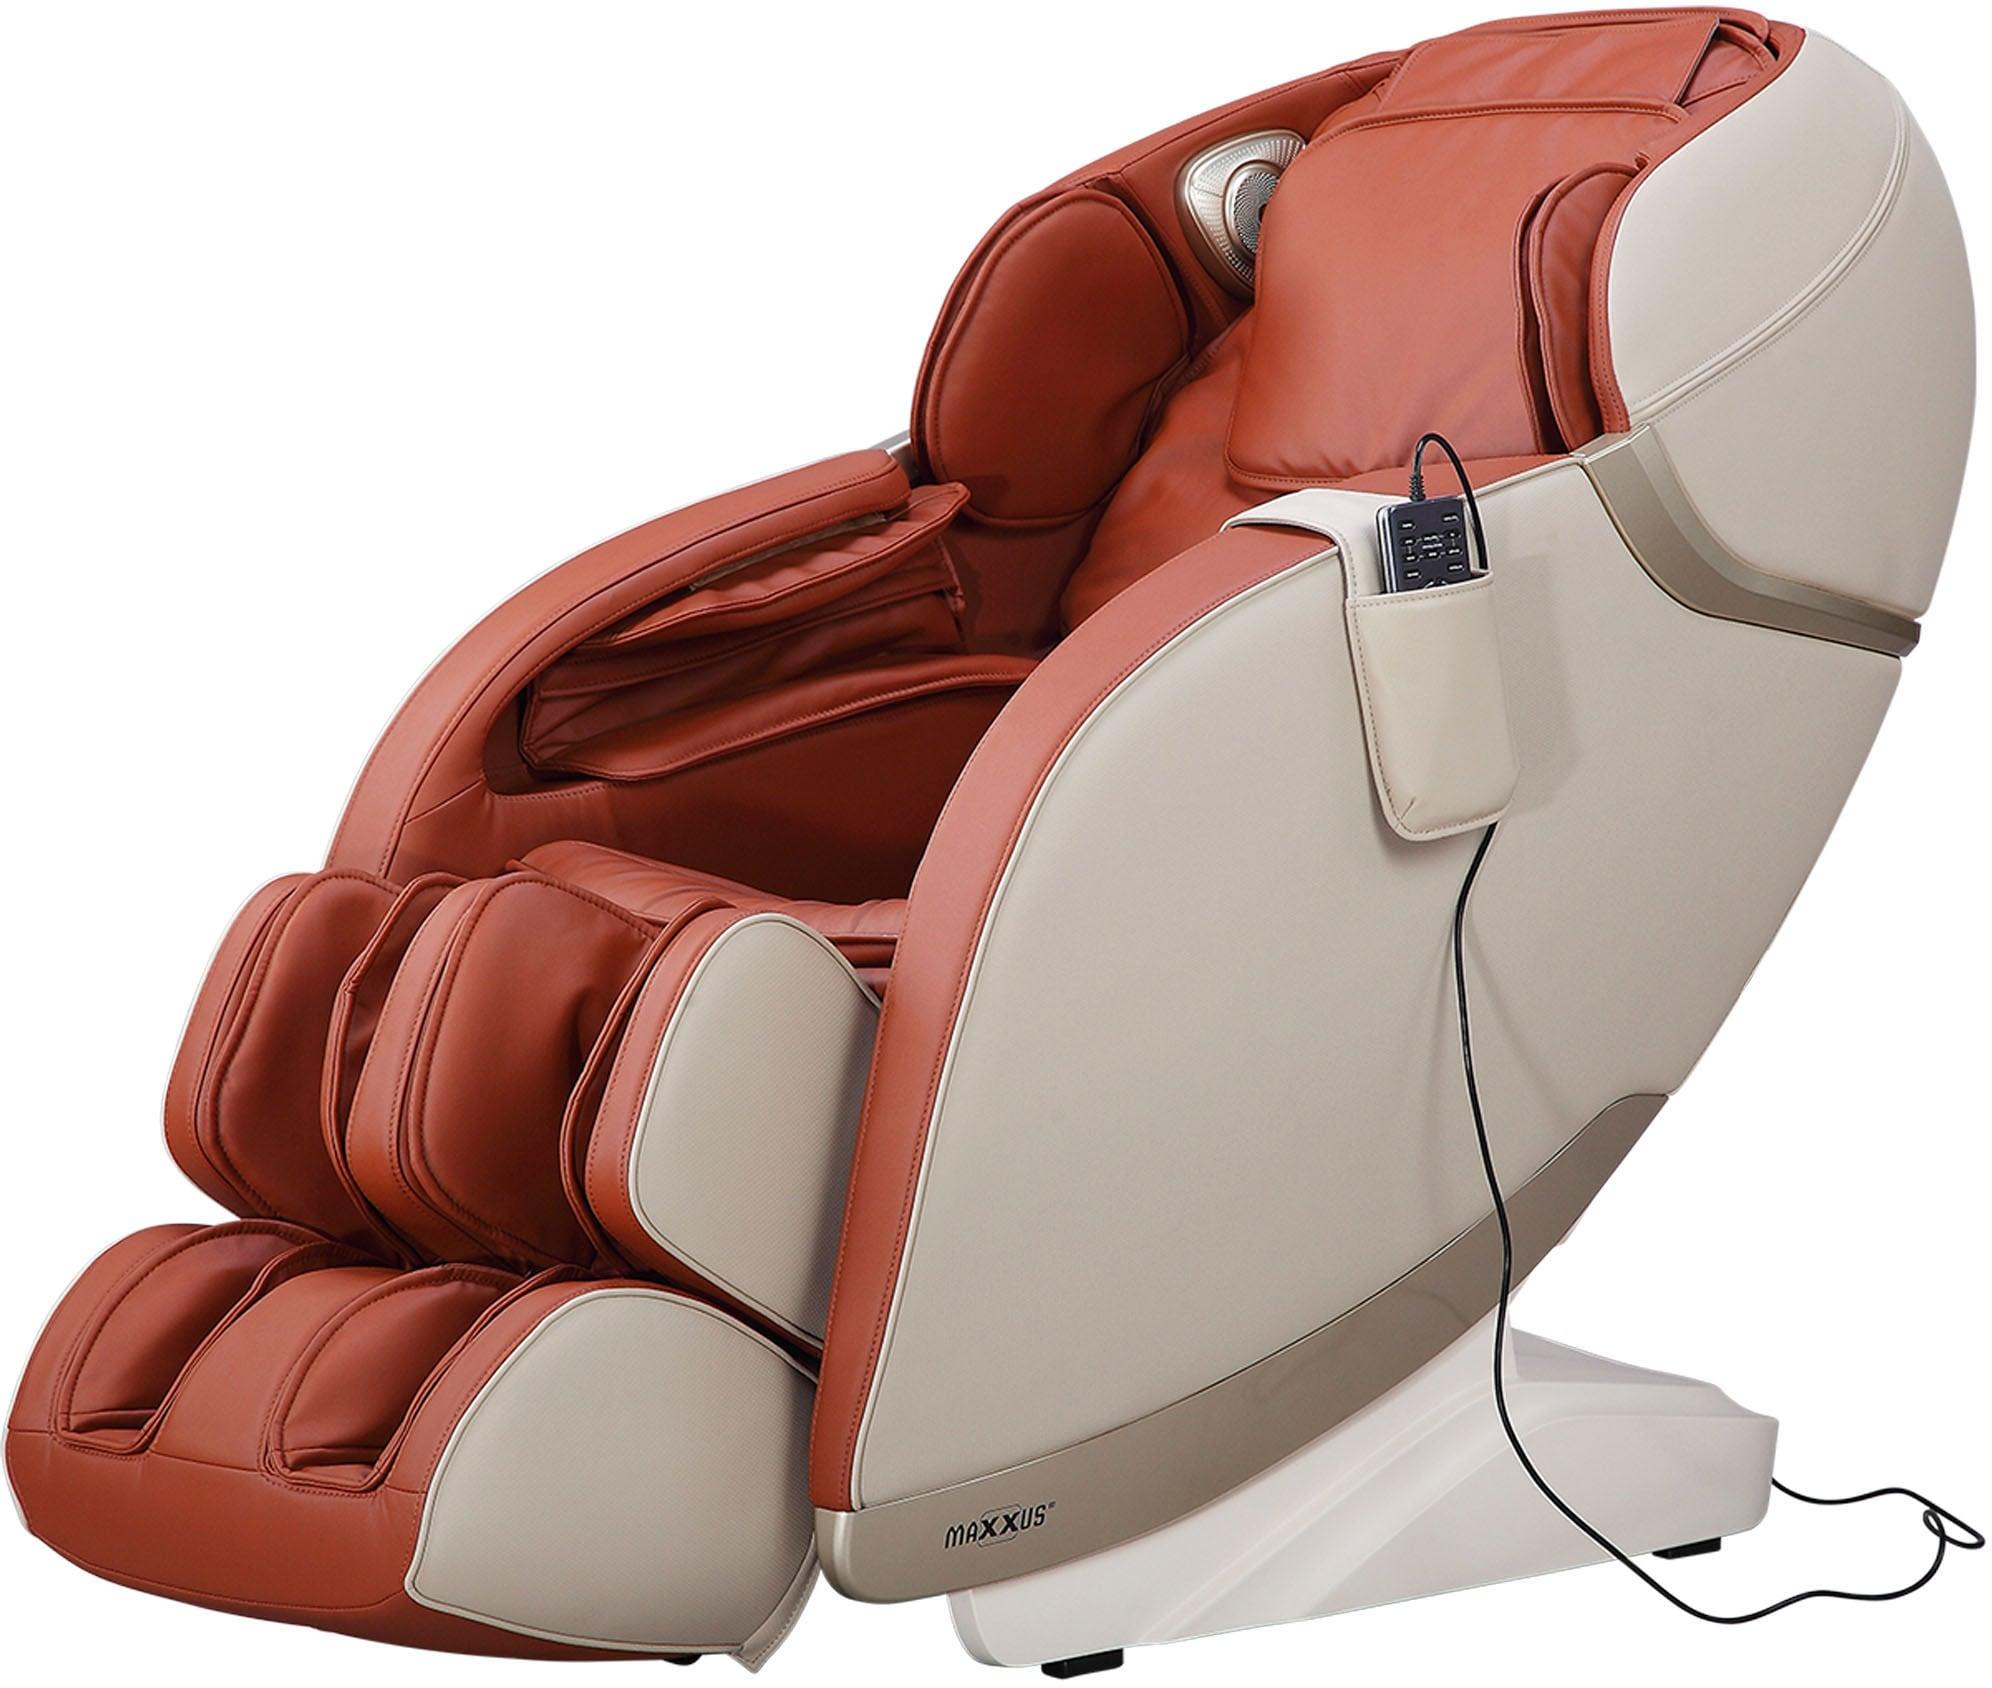 MAXXUS Massagesessel MX 80z